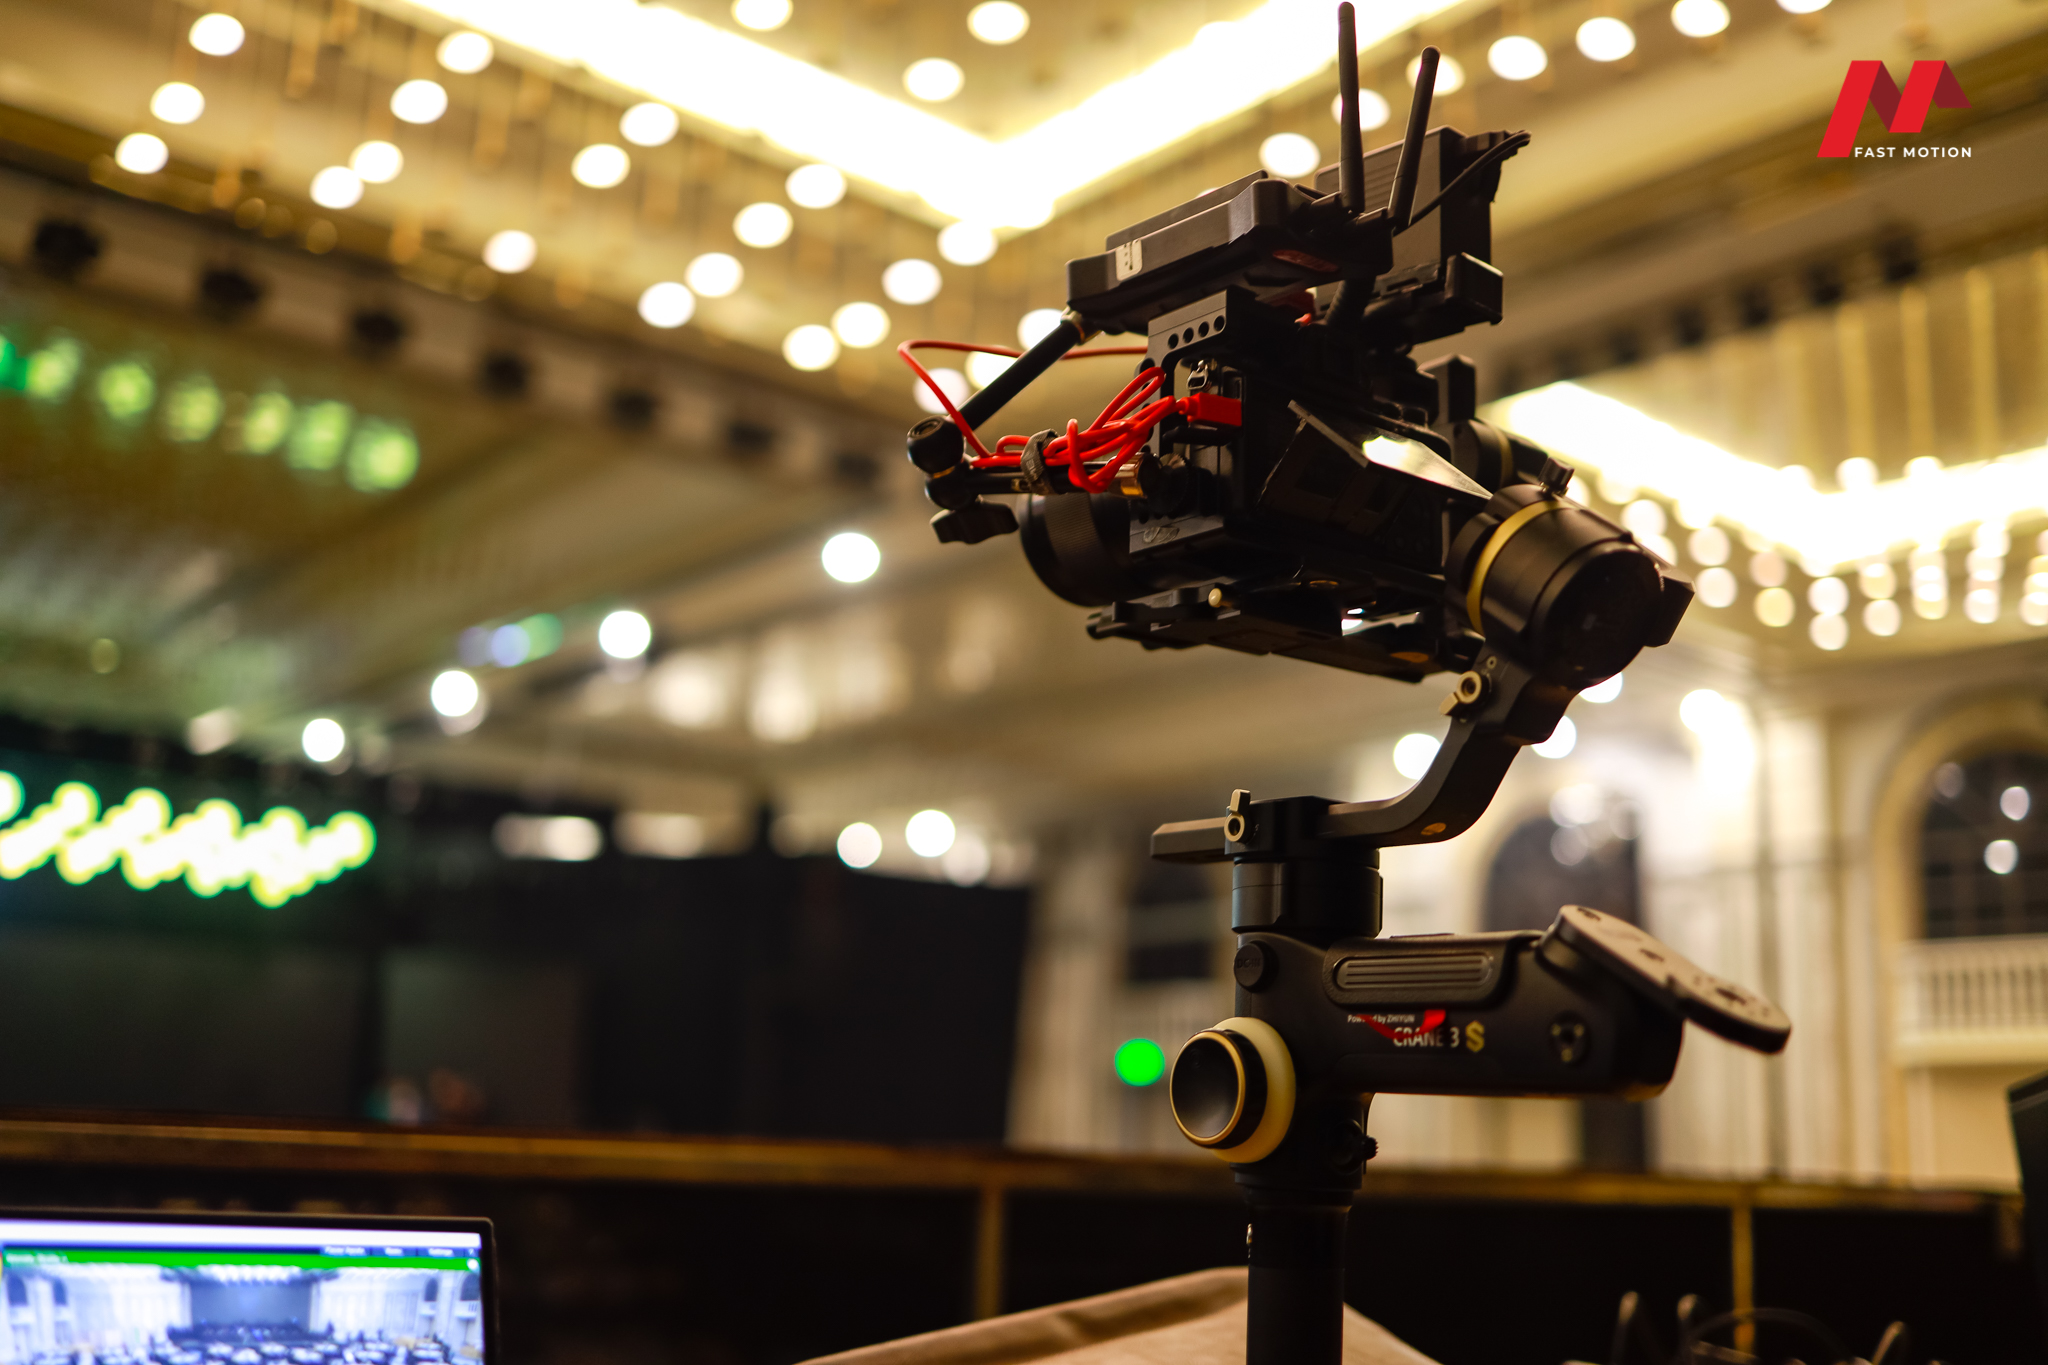 fastmotion cung cấp dịch vụ livestream nha trang